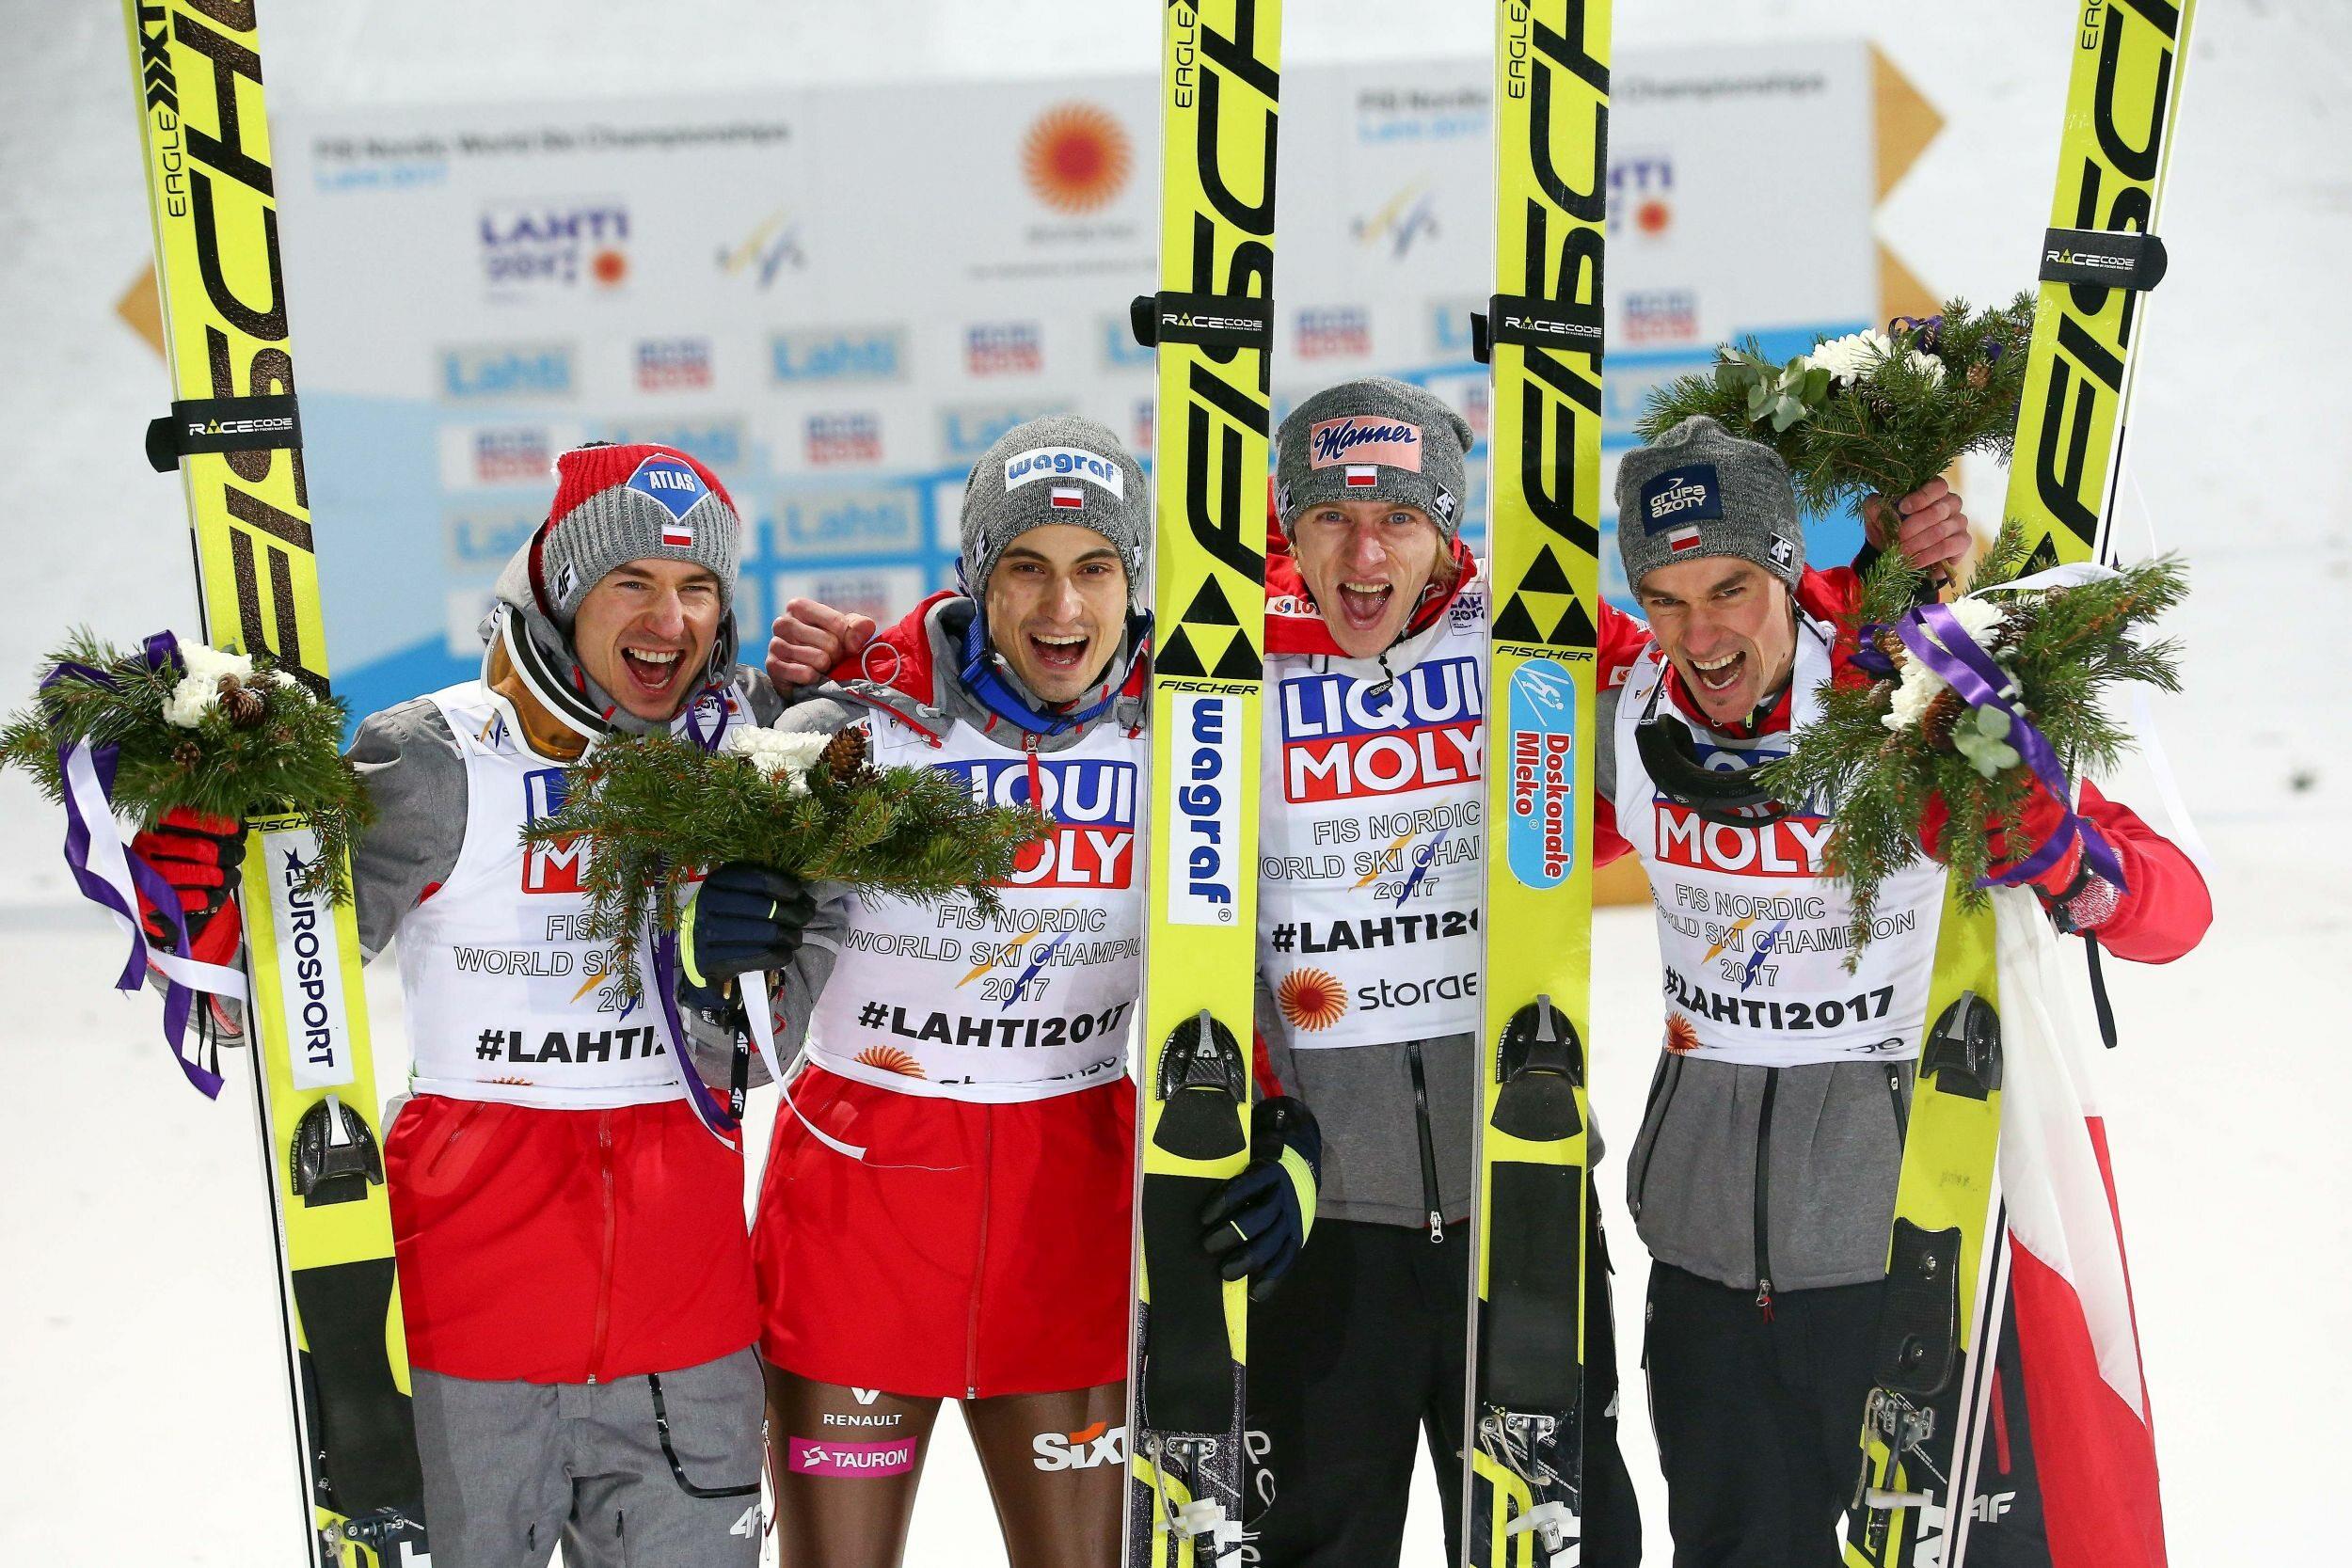 Mistrzowie Świata w skokach narciarskich: Kamil Stoch, Maciej Kot, Dawid Kubacki i Piotr Żyła